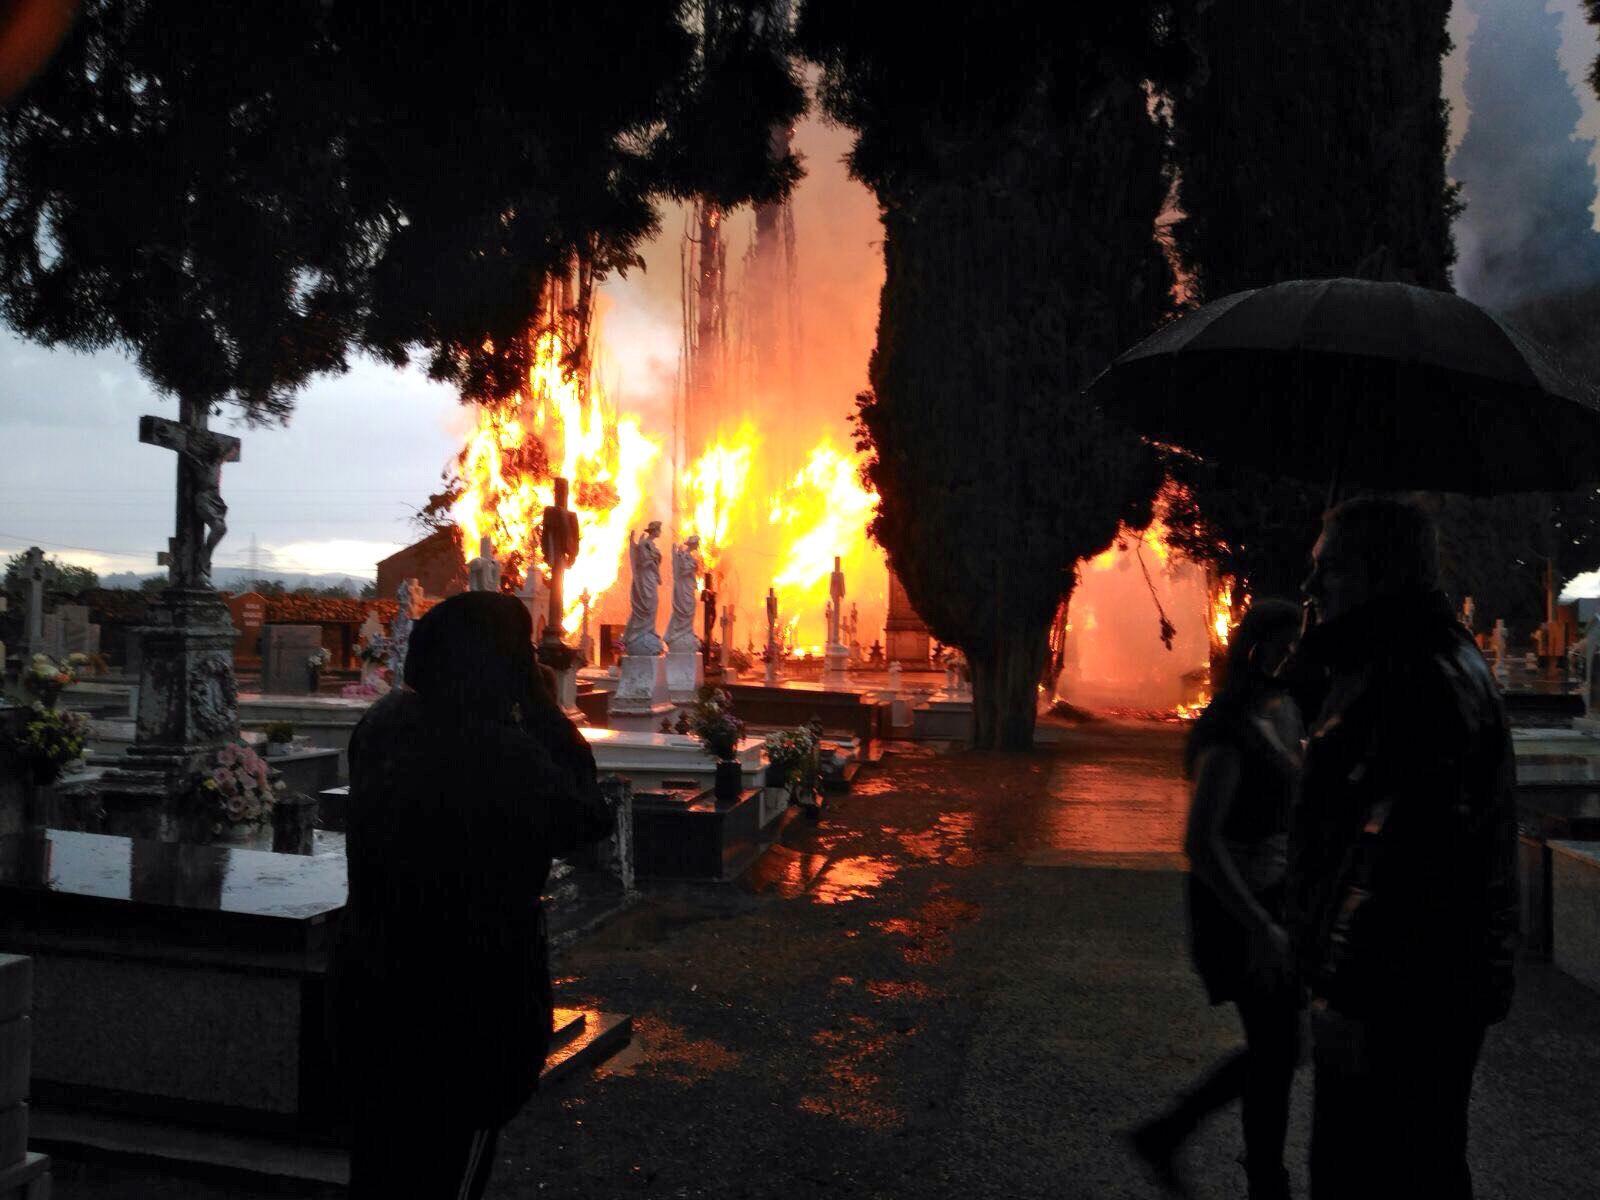 Imatge de l'incendi que un raig ha provocat aquest dimecres al cementiri de Cacabelos, a Ponferrada. /ANA F. BARREDO